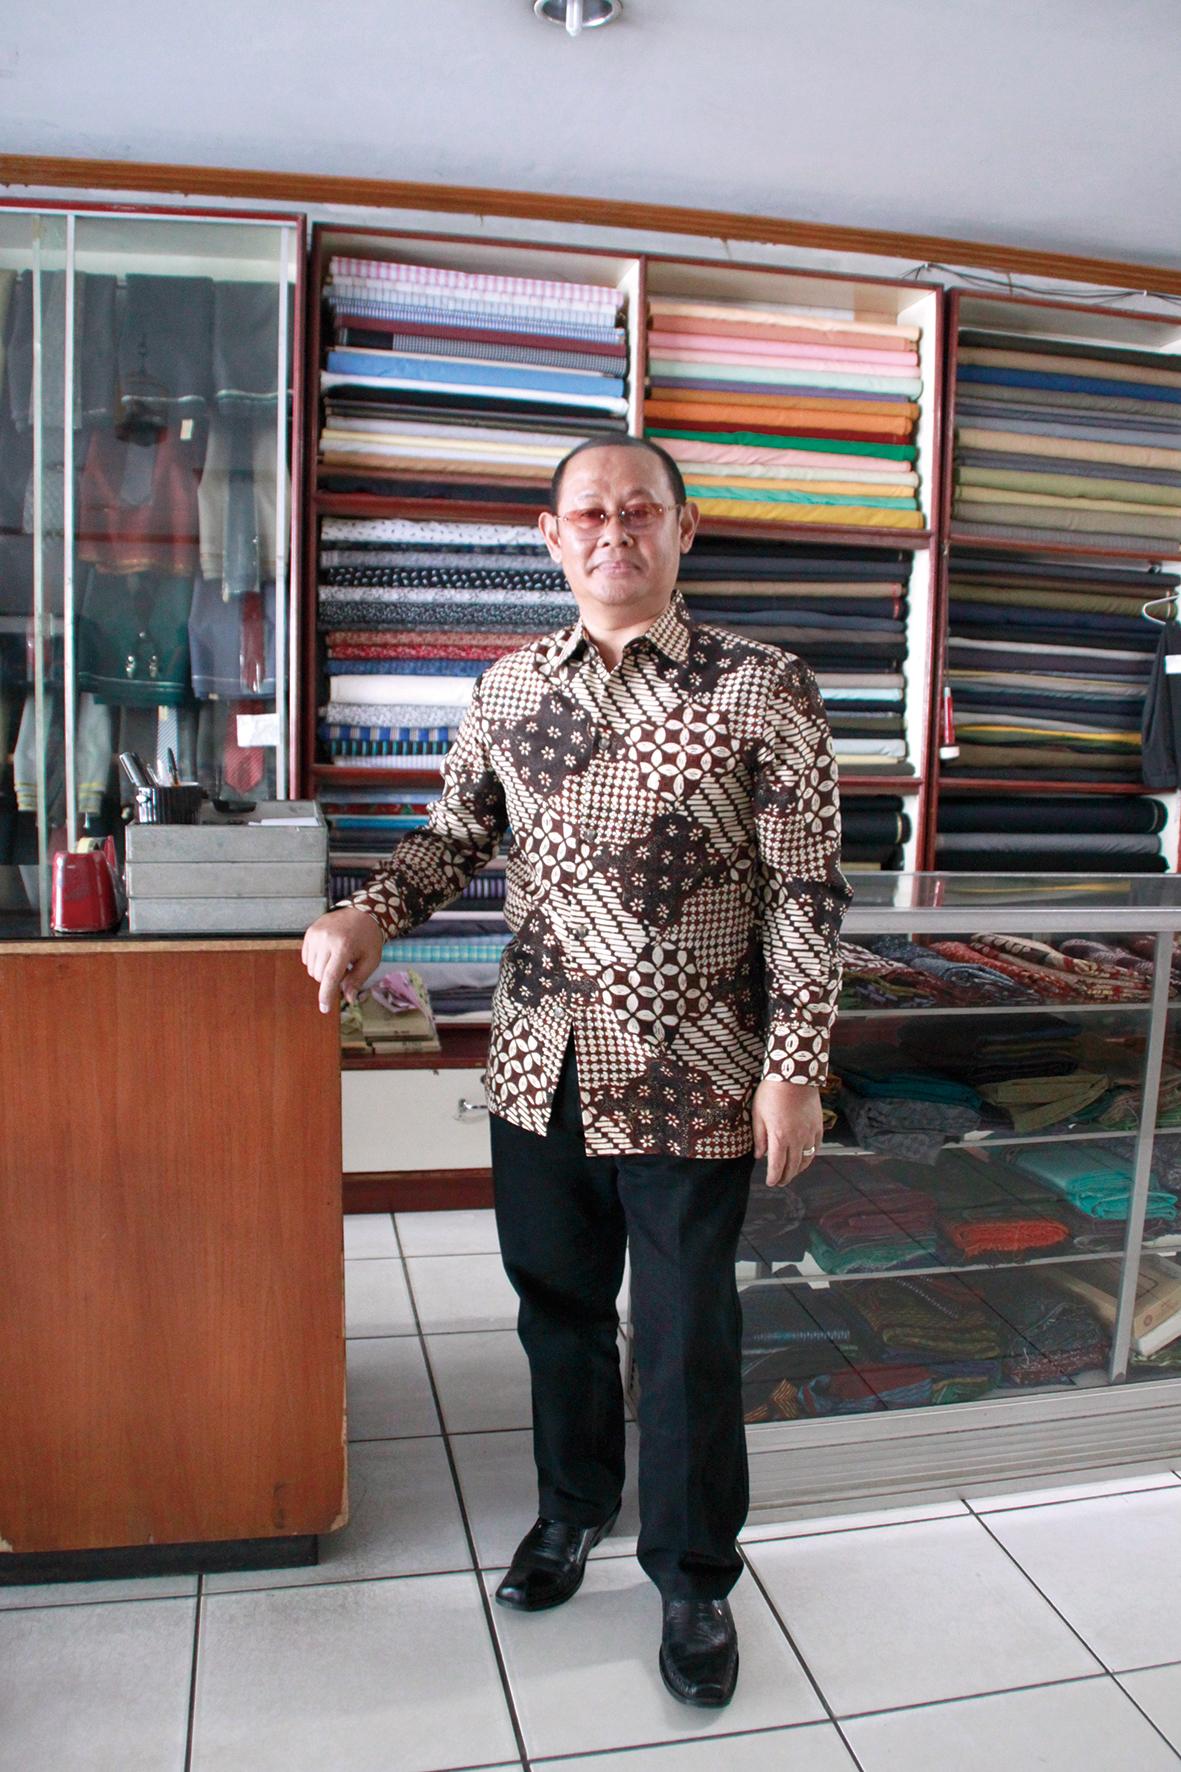 batik_snap_2_MG_6612